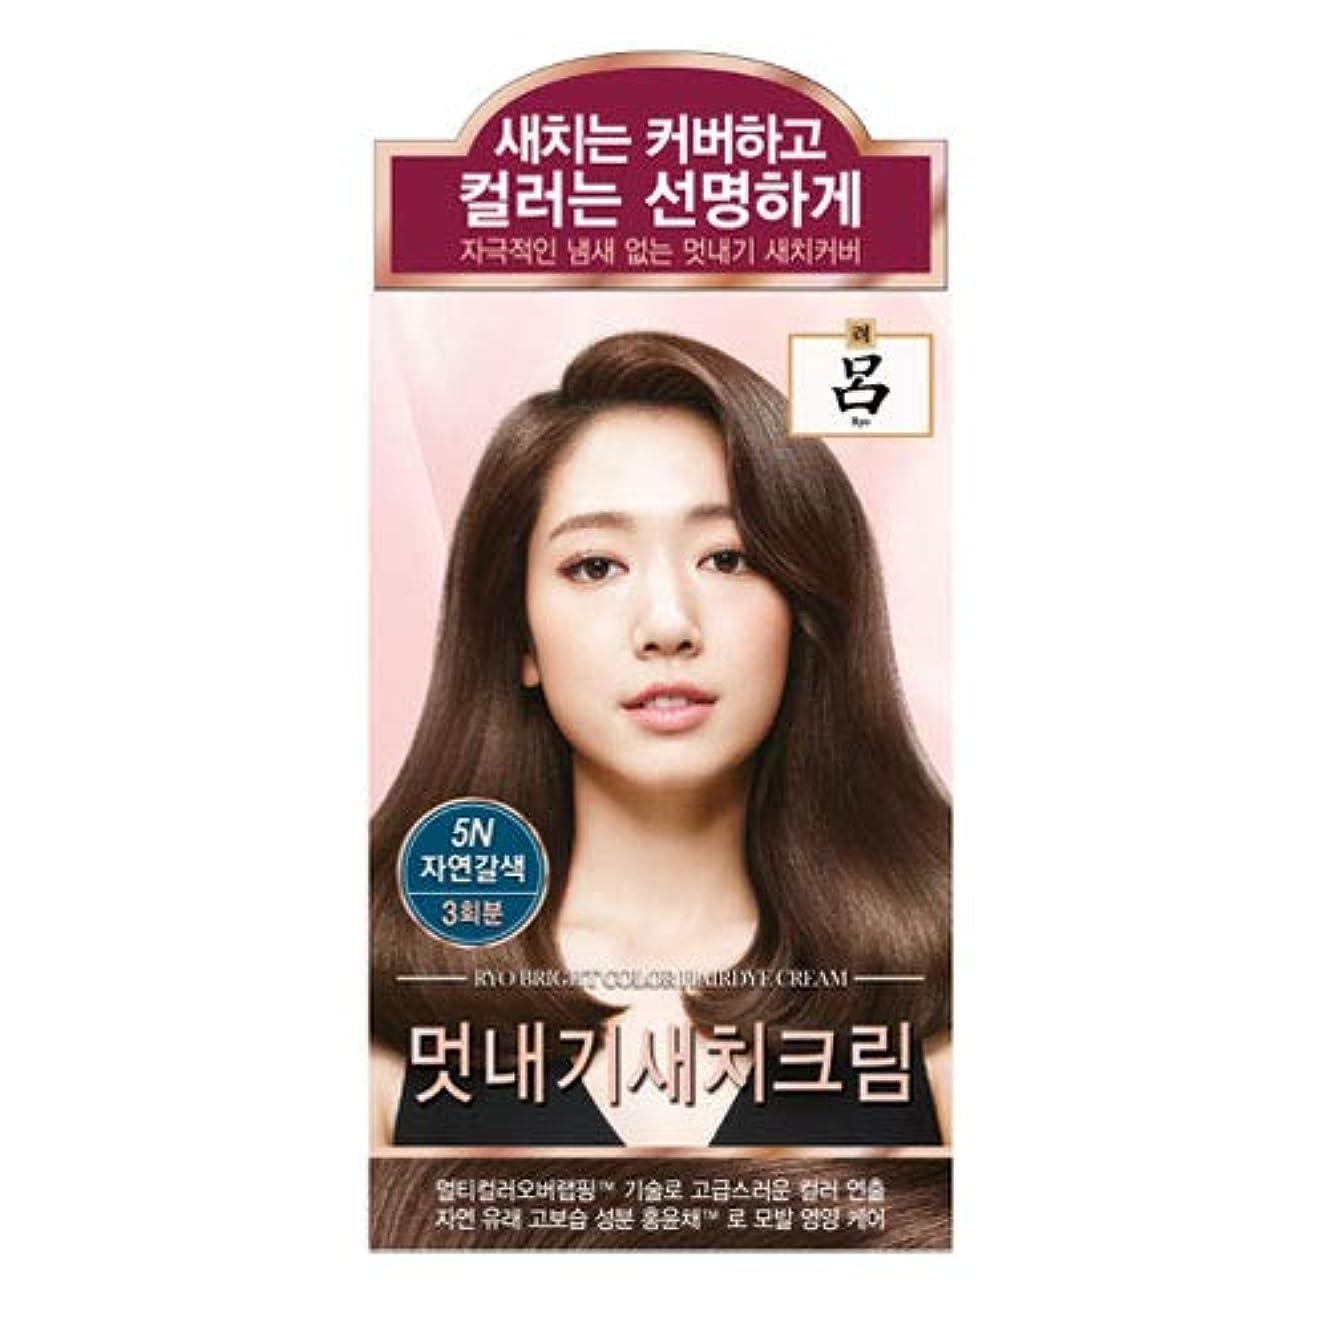 平均方程式旅アモーレパシフィック呂[AMOREPACIFIC/Ryo] ブライトカラーヘアアイクリーム 5N ナチュラルブラウン/Bright Color Hairdye Cream 5N Natural Brown